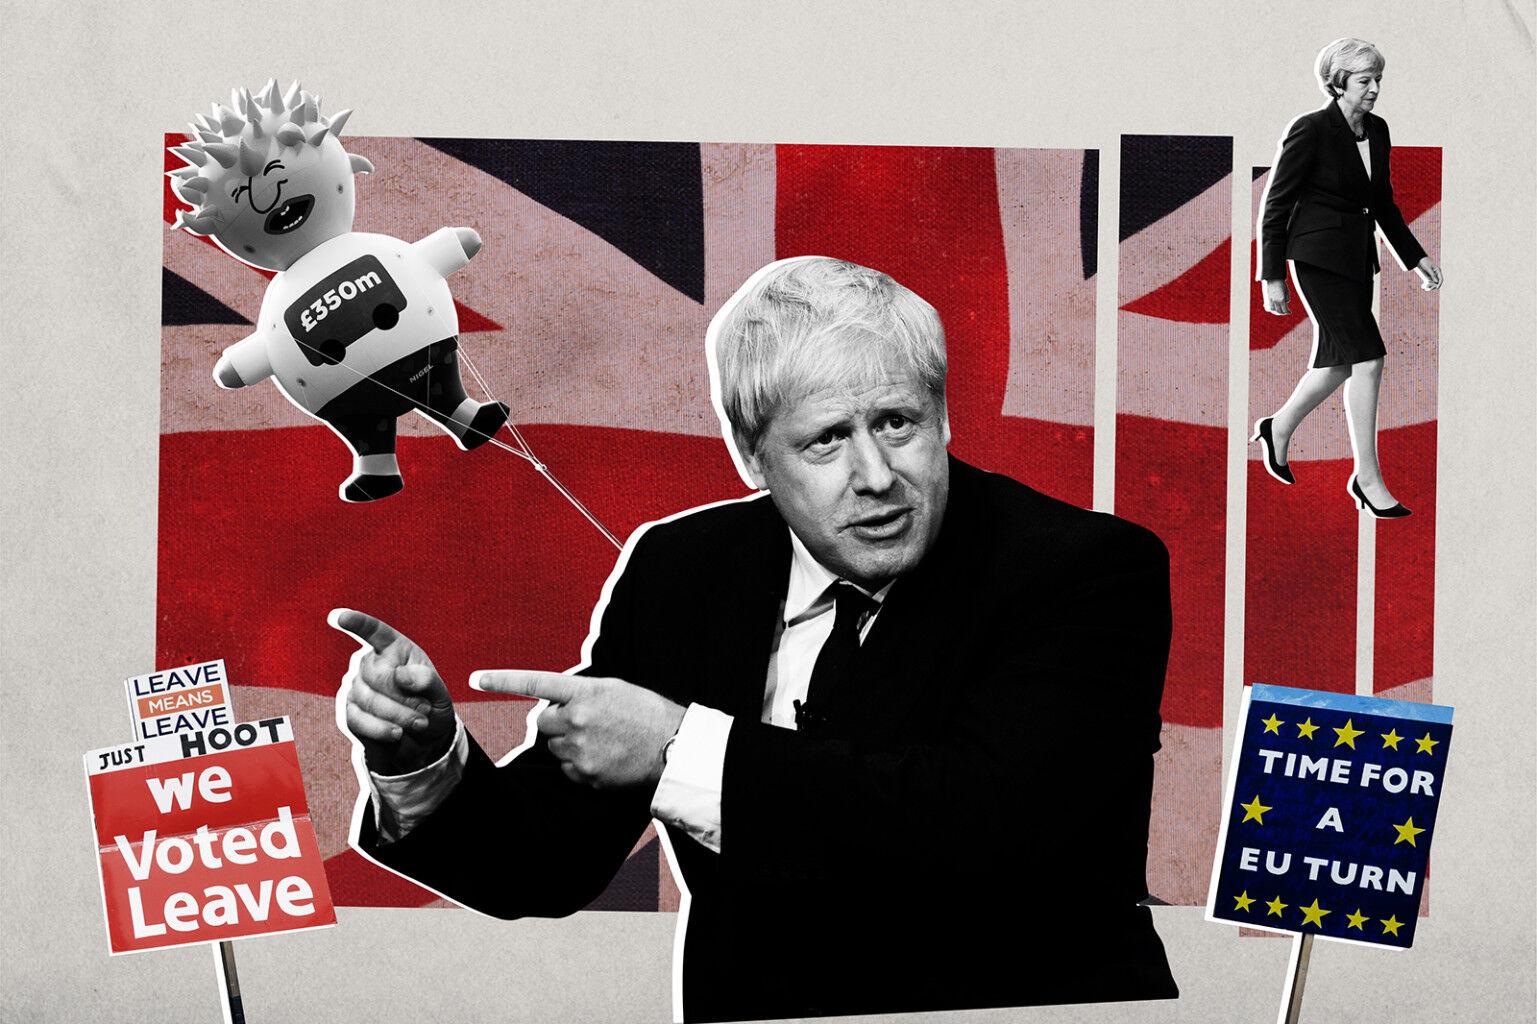 lead boris johnson brexit britain fp guide